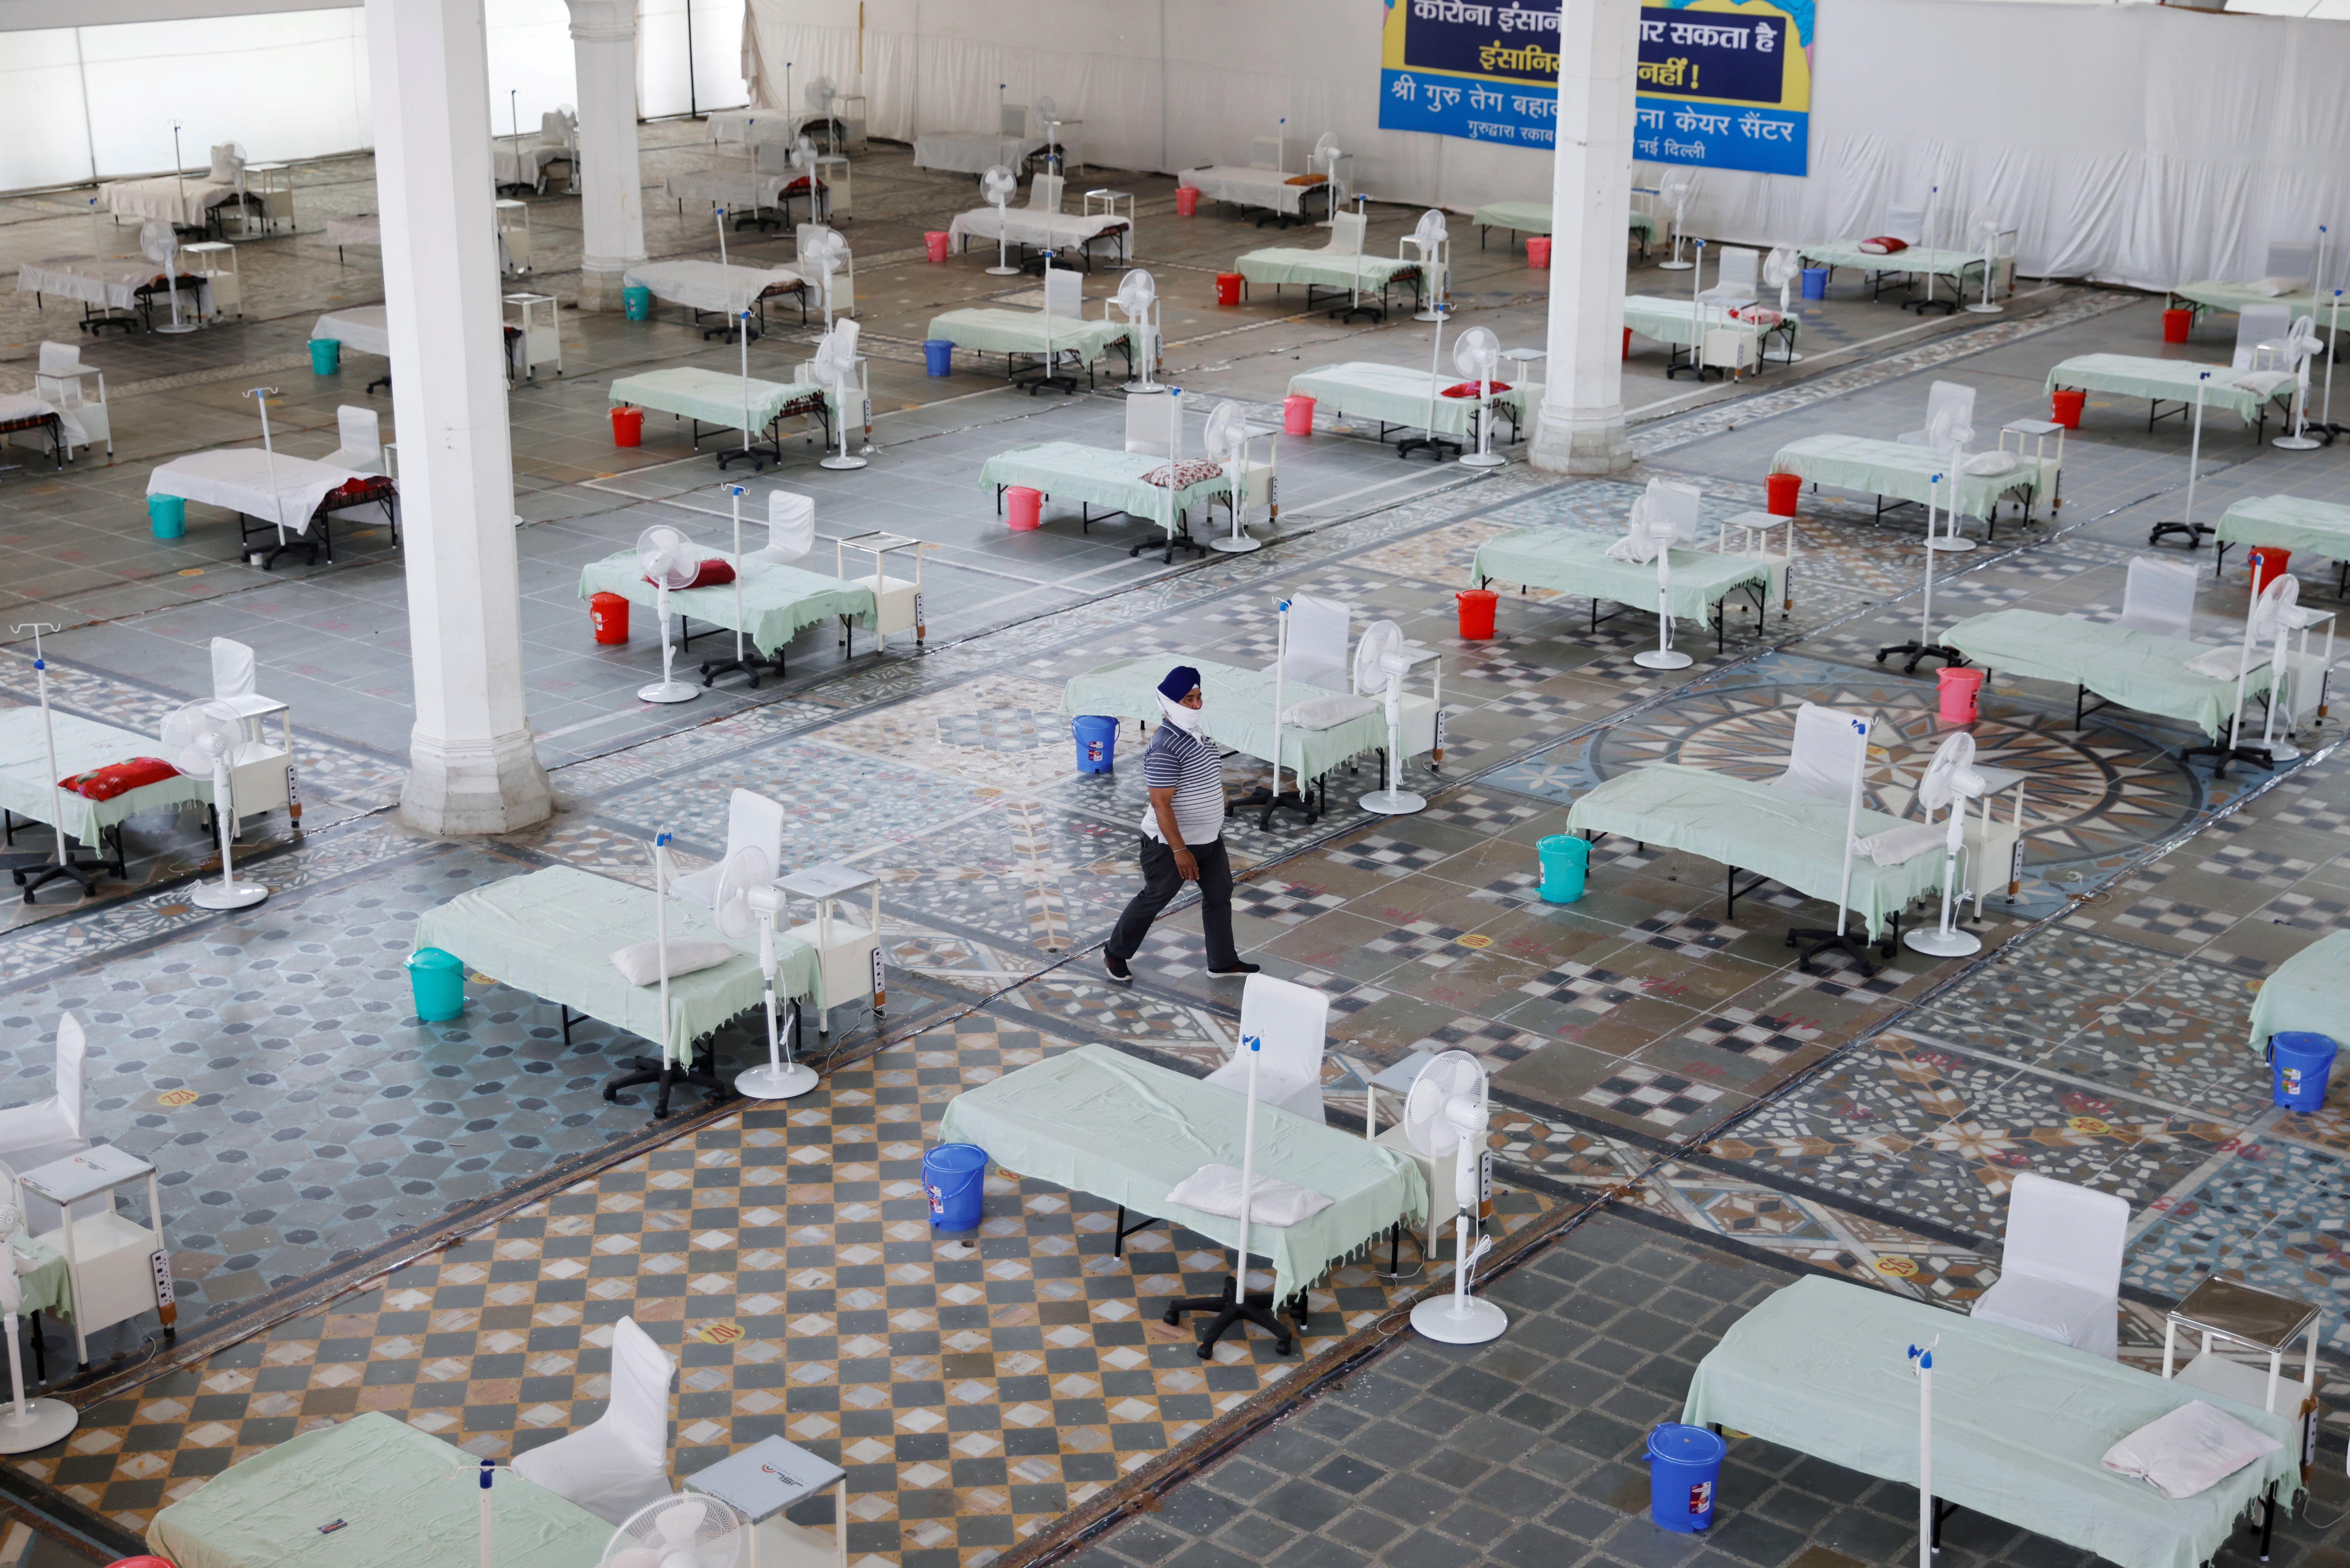 Camas para atención a pacientes en lugar adecuado como hospital campaña en Nueva Delhi, India. REUTERS/Adnan Abidi